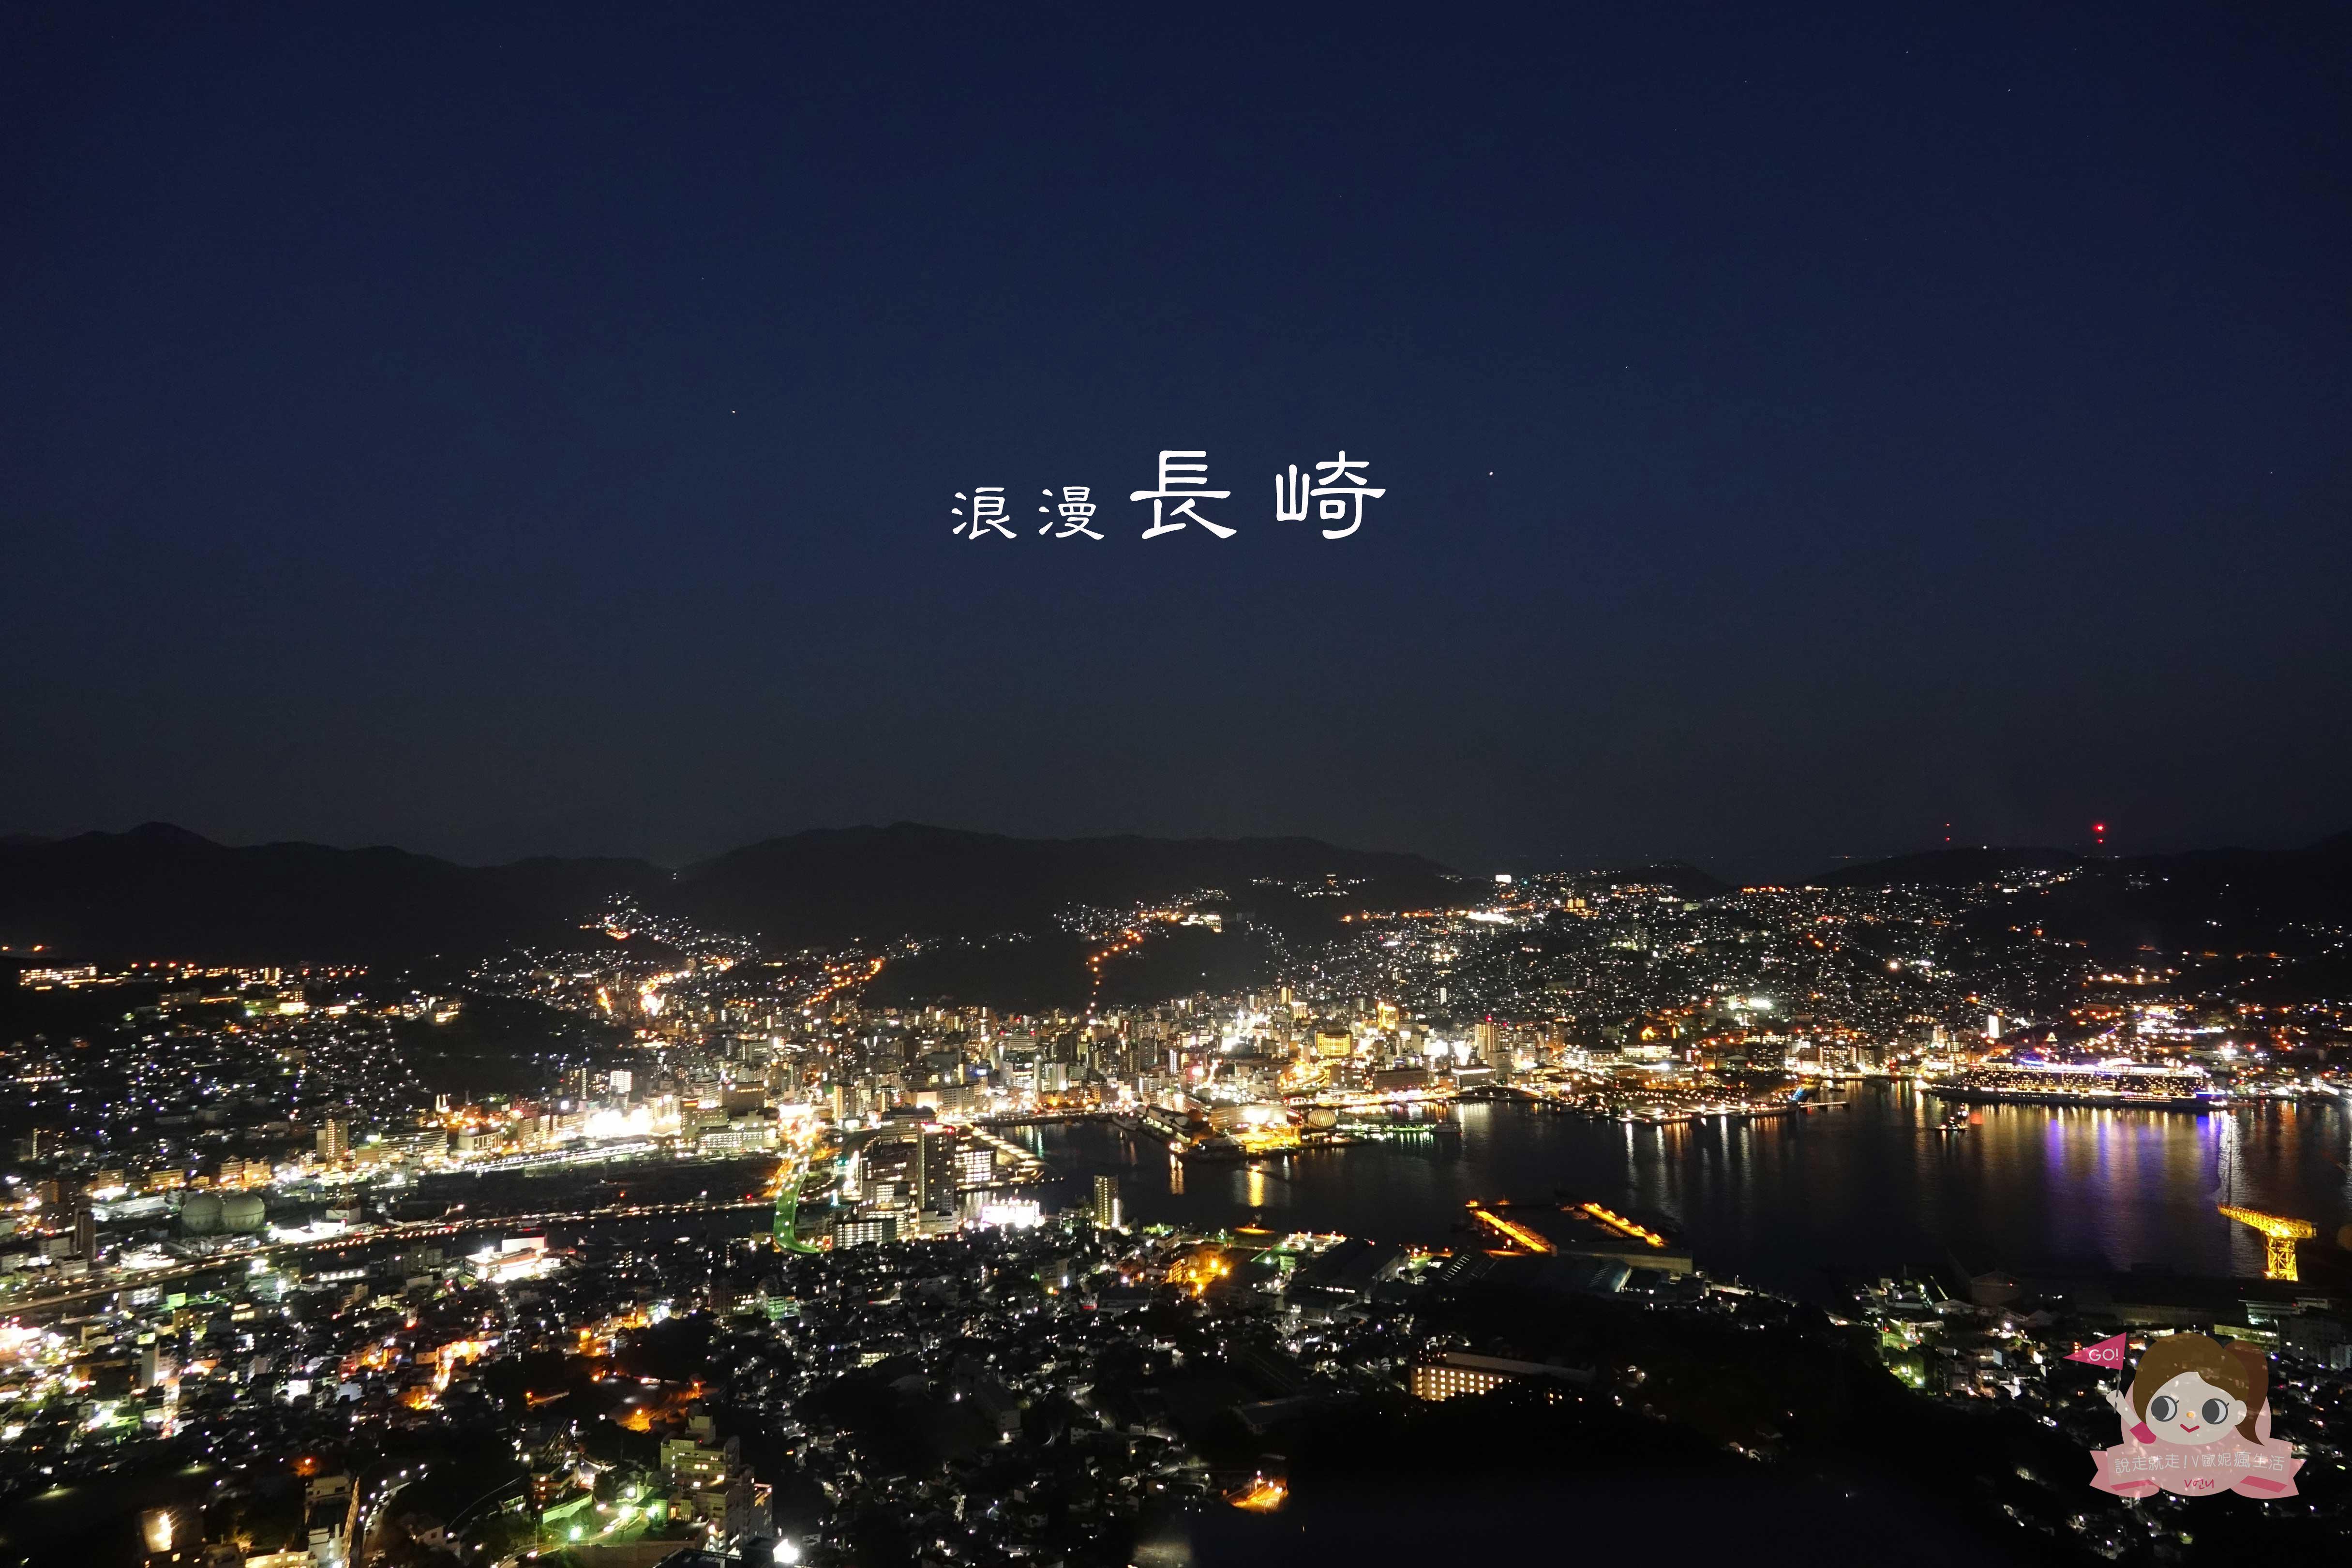 世界新三大夜景-長崎稻佐山展望台,搭空中纜車俯瞰燦爛港灣 | 日本.九州景點